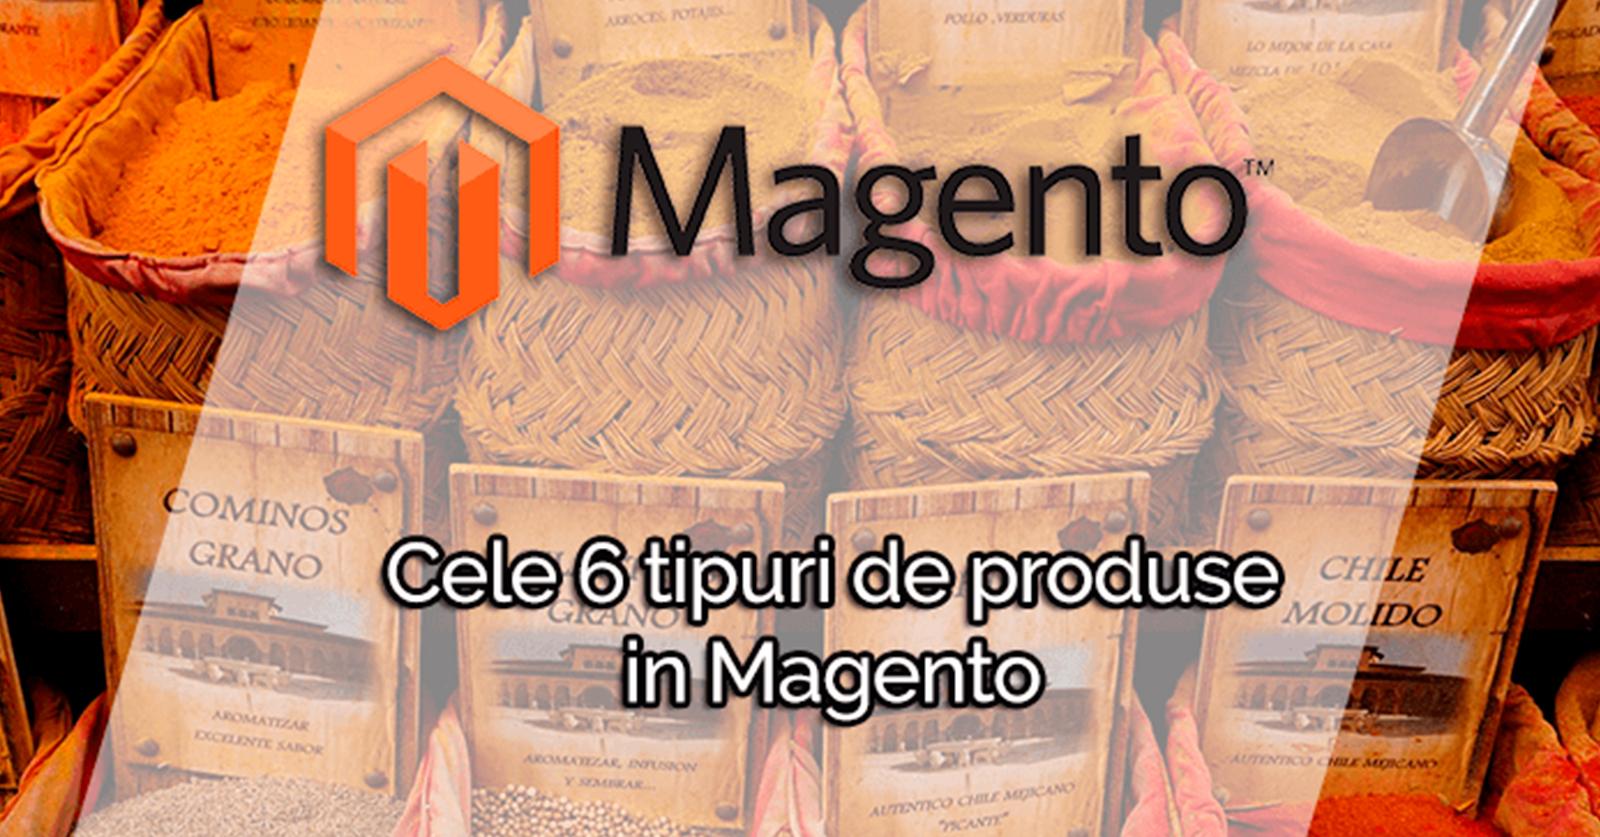 Cele 6 tipuri de produse prezente in Magento